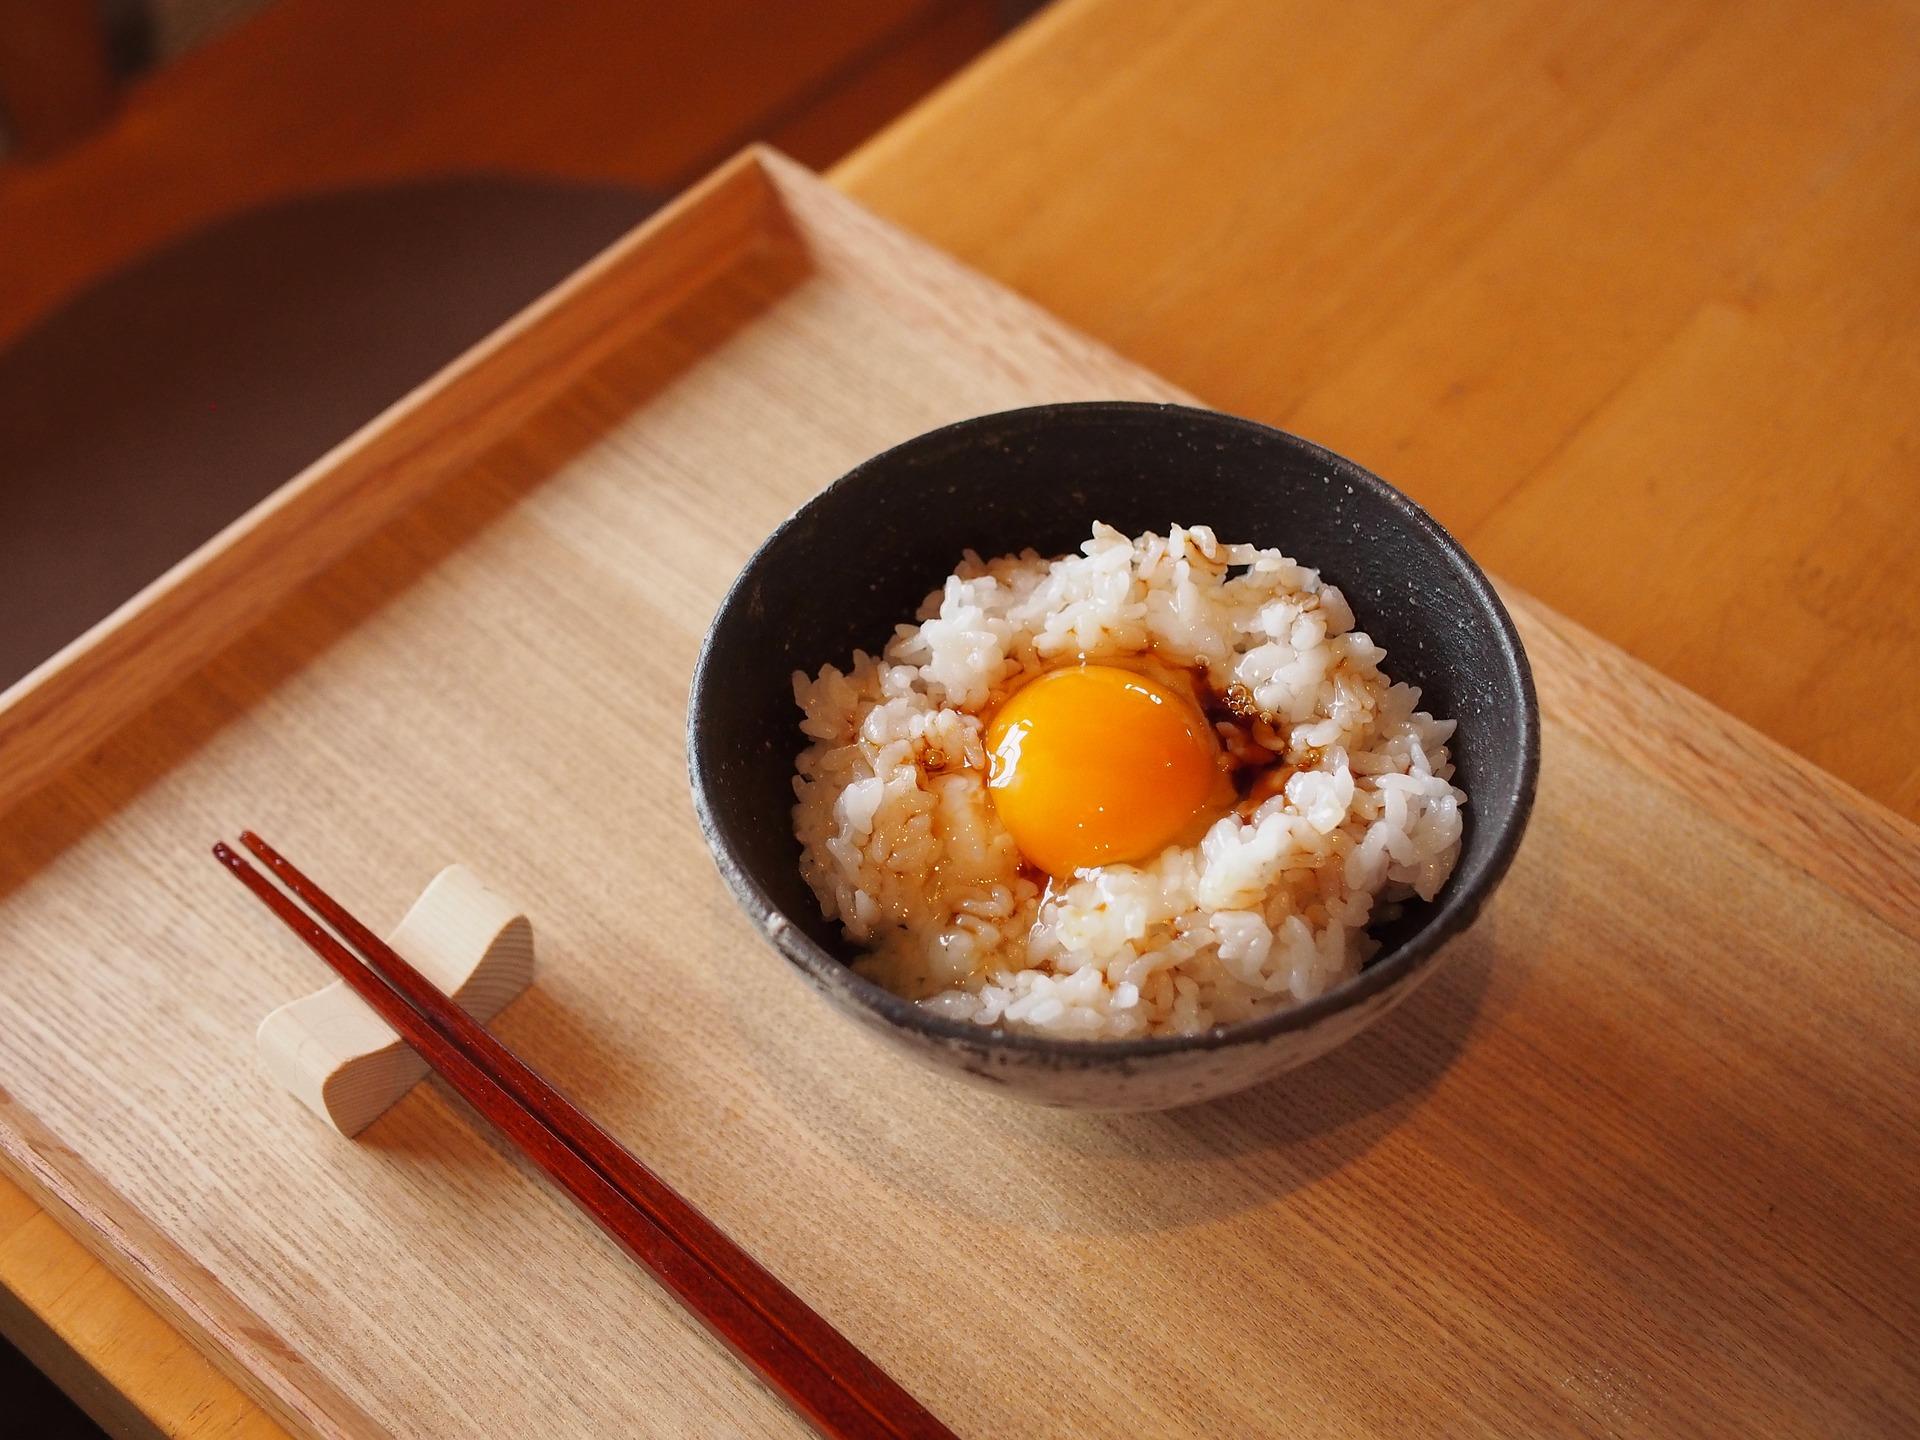 【京都】和食デートにおすすめのお店4選